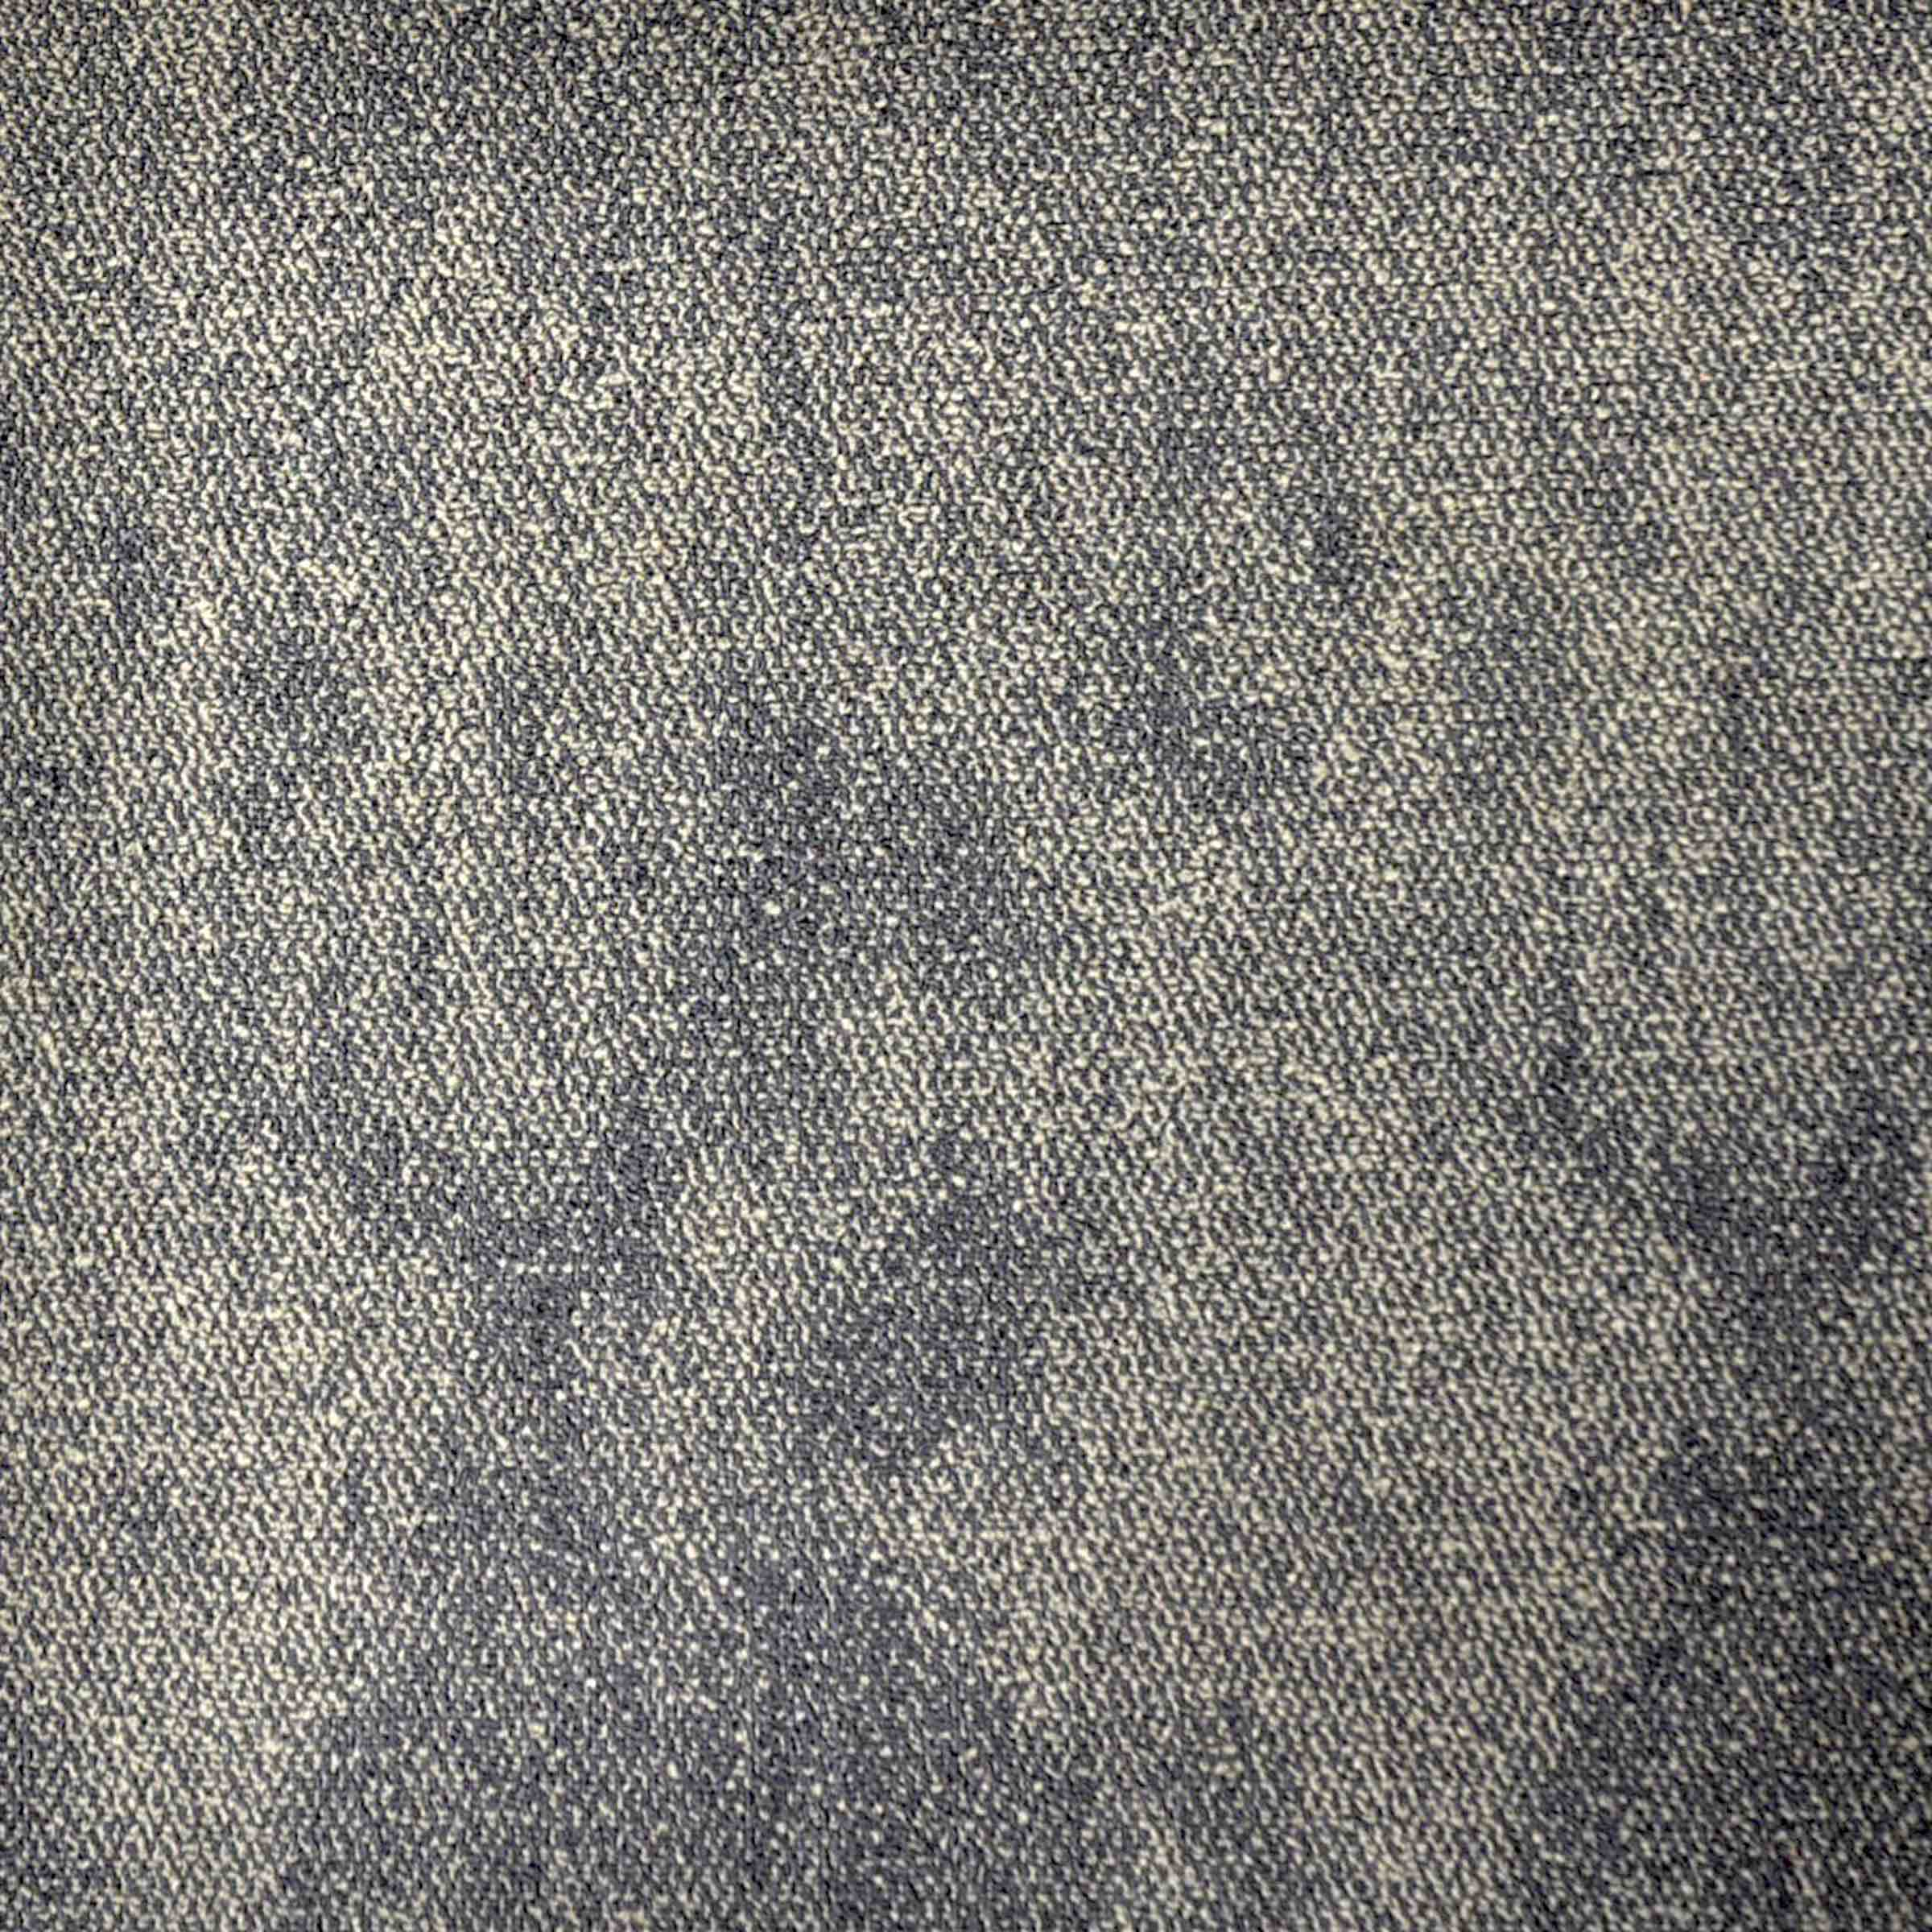 Vapour | Spray | Paragon Carpet Tiles | Commercial Carpet Tiles